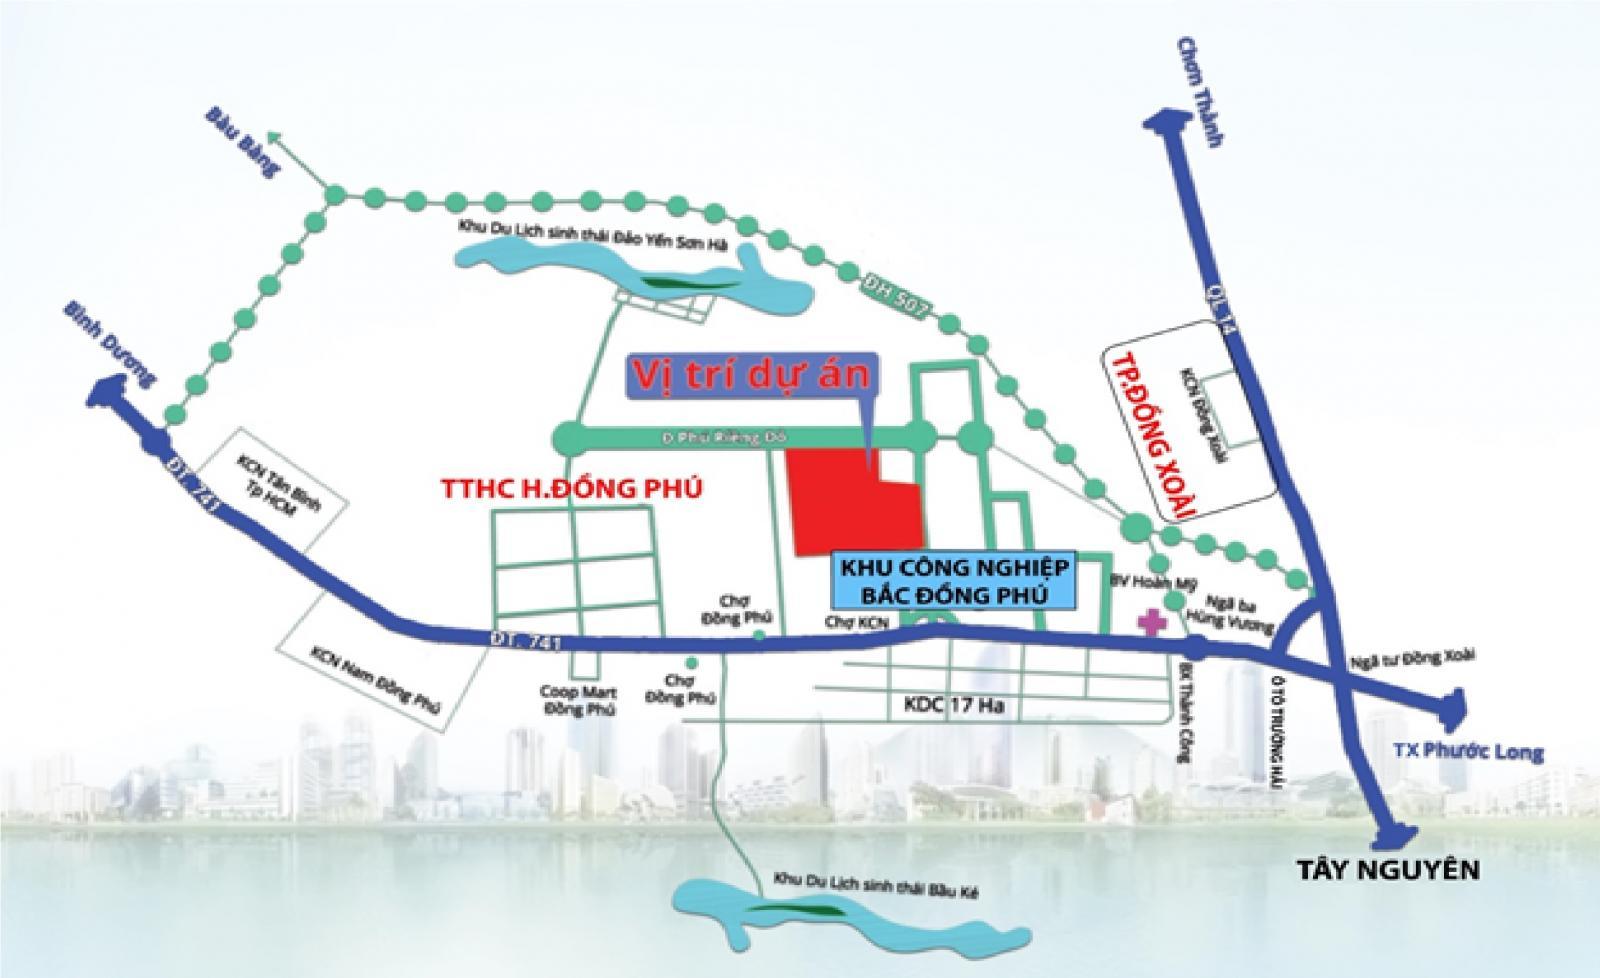 Bản đồ dự án với các đường màu xanh dương, xanh lá cây, chữ màu đỏ và đen